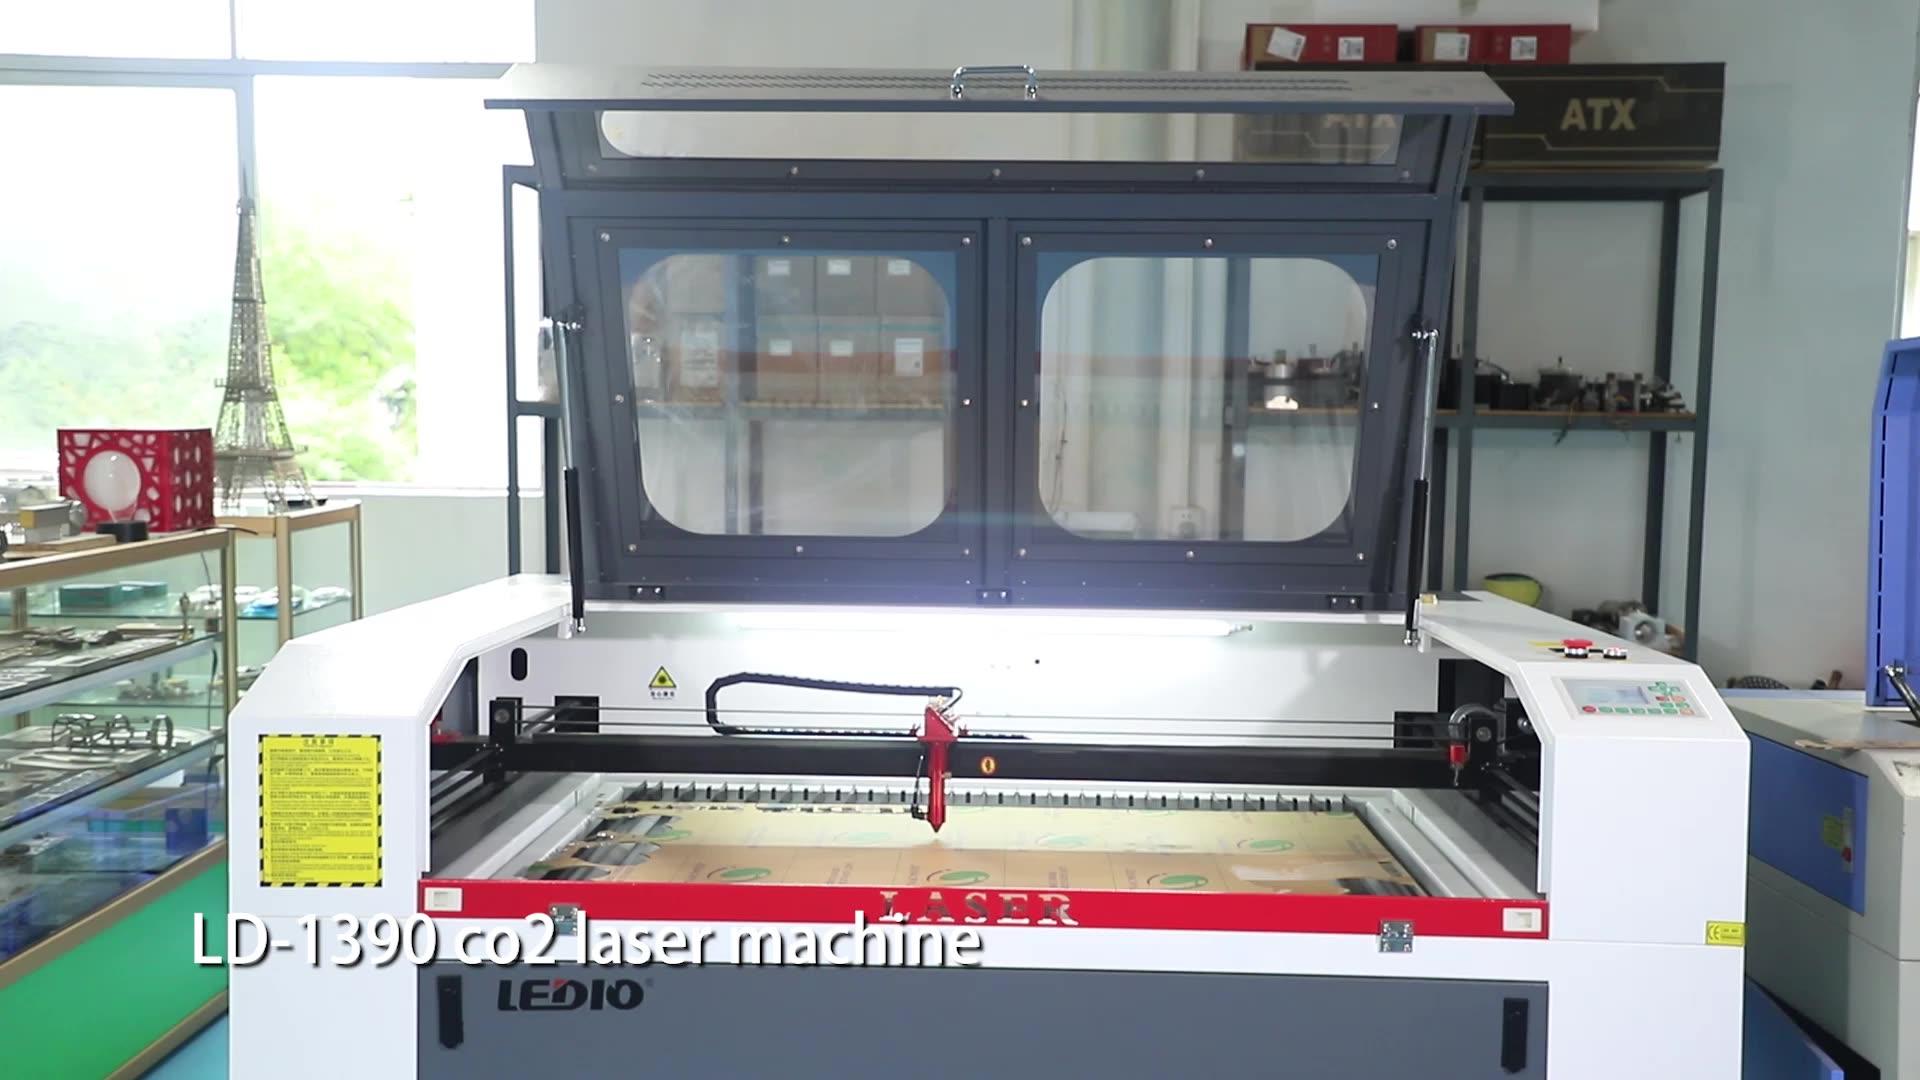 Guangzhou CO2 lazer kesme makinesi fiyat, cnc lazer kesici için kumaş, deri, tekstil, metal olmayan malzemeler